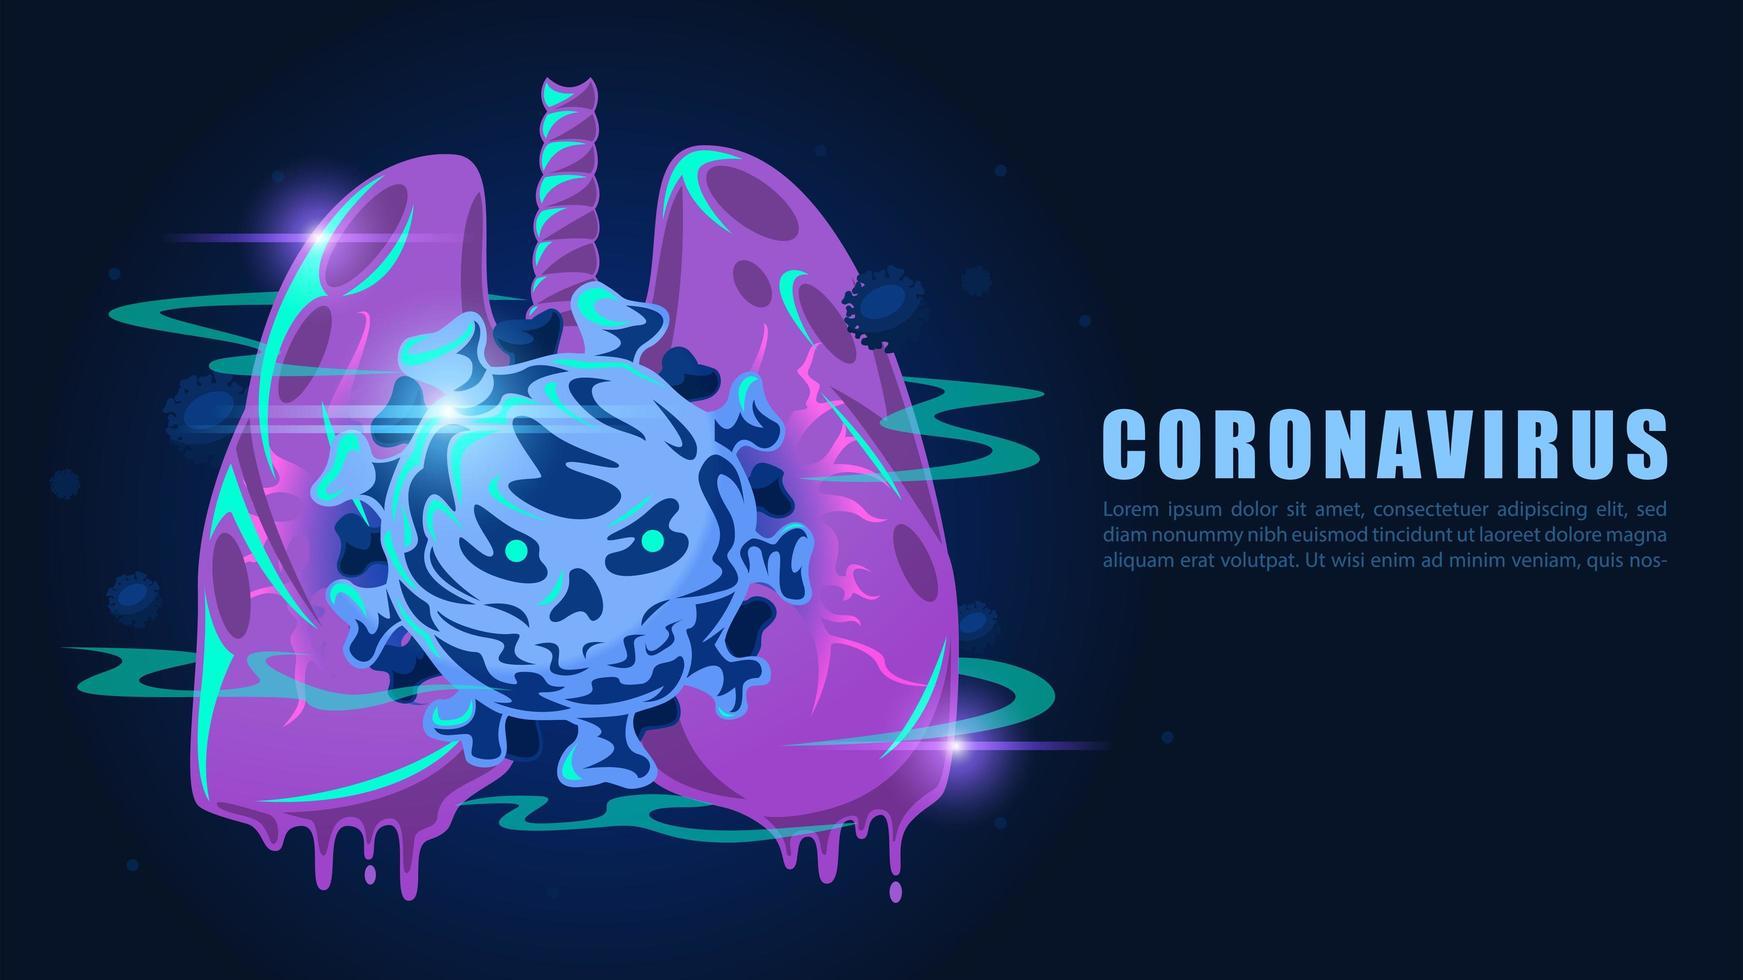 pulmones de estilo de dibujos animados infectados por coronavirus vector